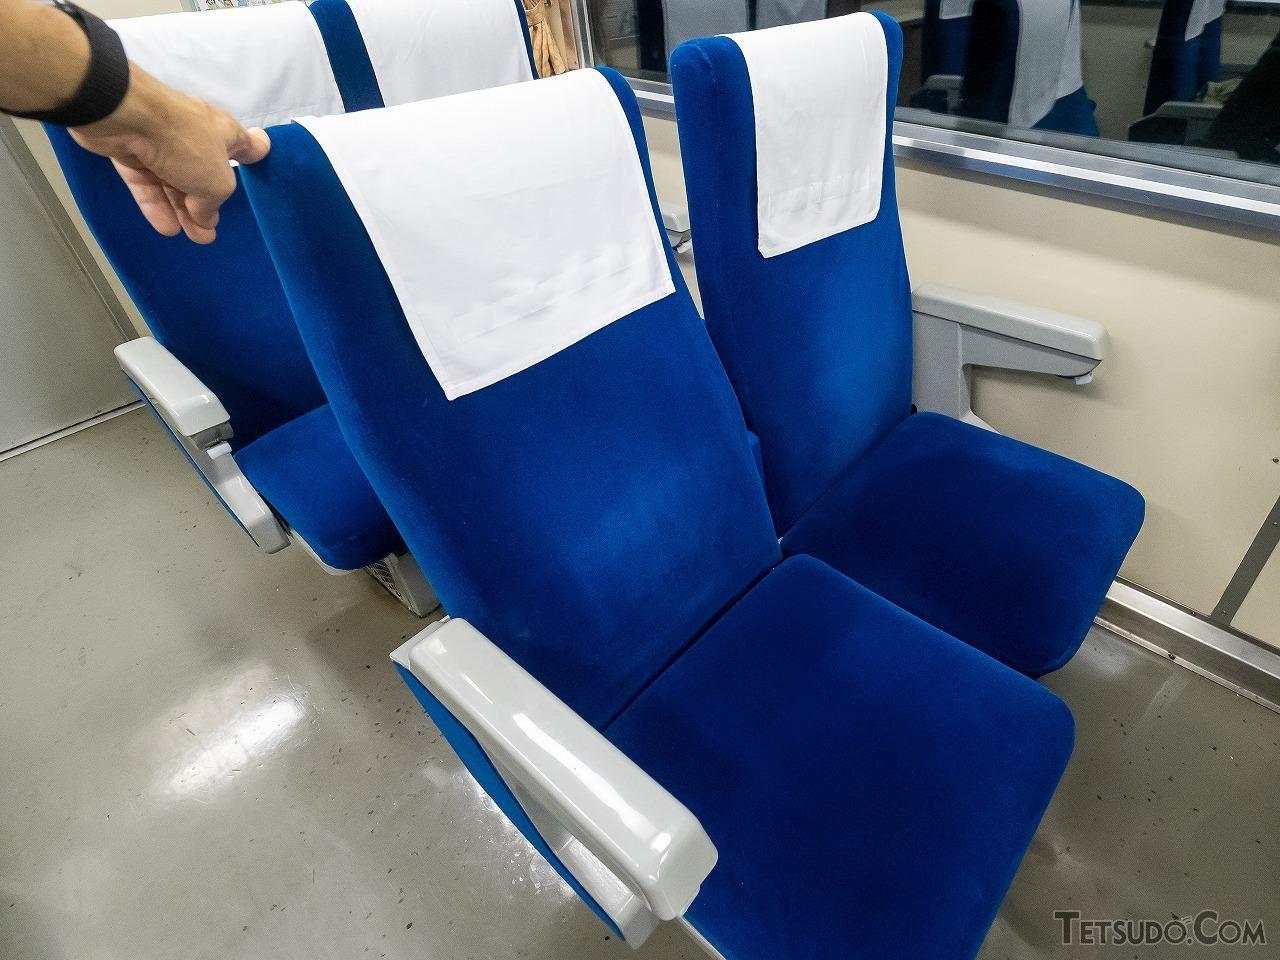 手を離すと元に戻ってしまう、簡易リクライニングシート。現役当時は「こんなの嫌がらせシートですよ」と嘆いた高校生もいたとか